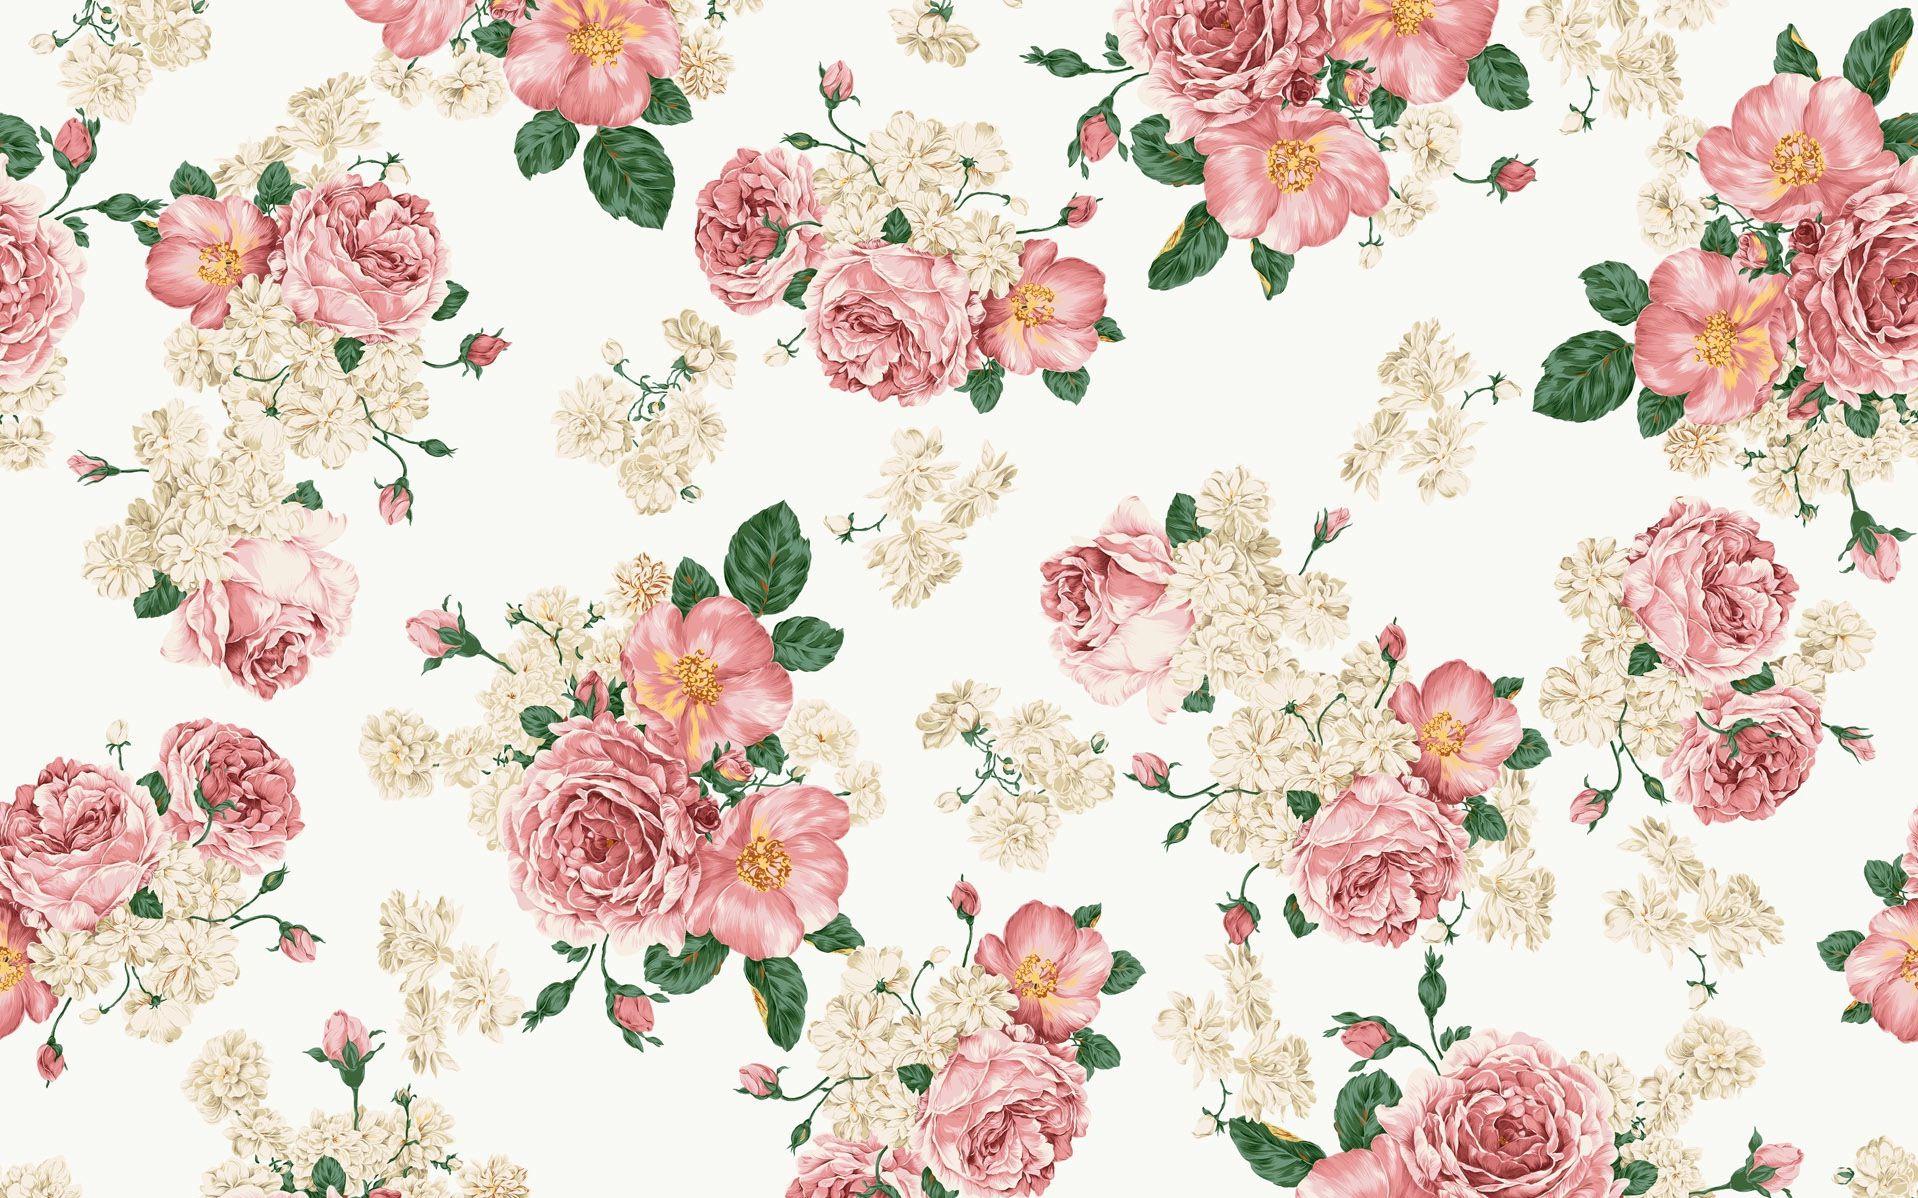 Floral Wallpaper Image Amazing 53 Vintazhnye Cvety Cvetochnye Fony Vintazh Oboi